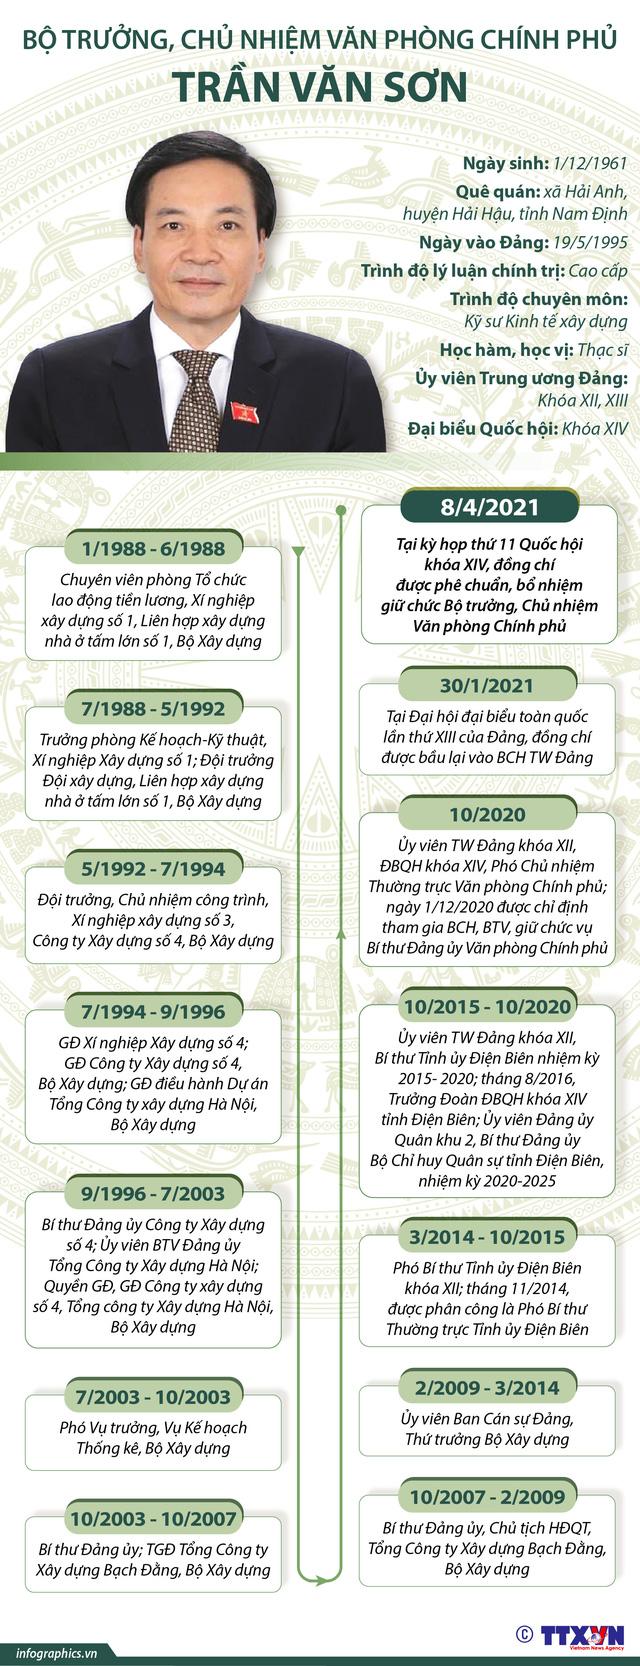 Tóm tắt tiểu sử Bộ trưởng, Chủ nhiệm Văn phòng Chính phủ Trần Văn Sơn - Ảnh 2.